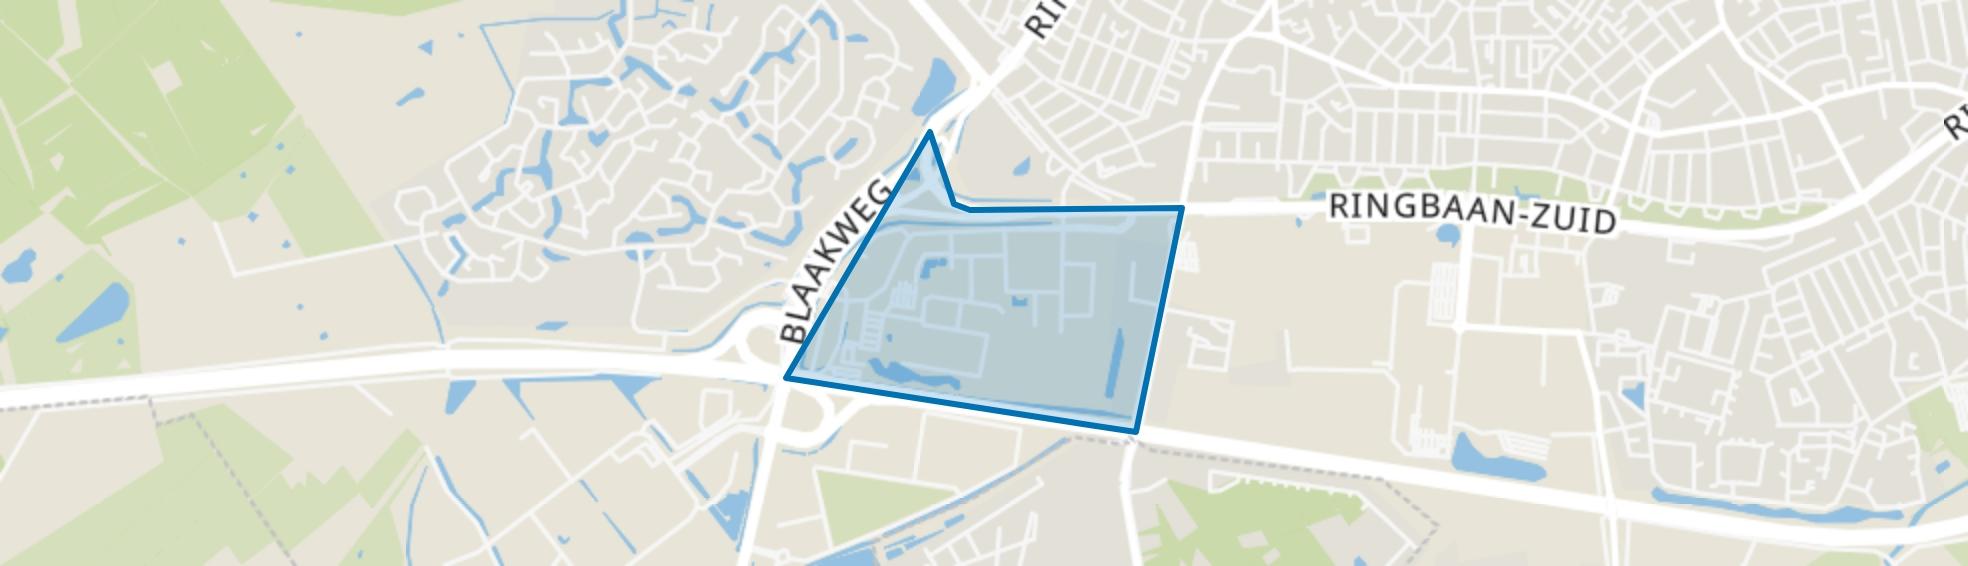 Bedrijventerrein Het Laar, Tilburg map